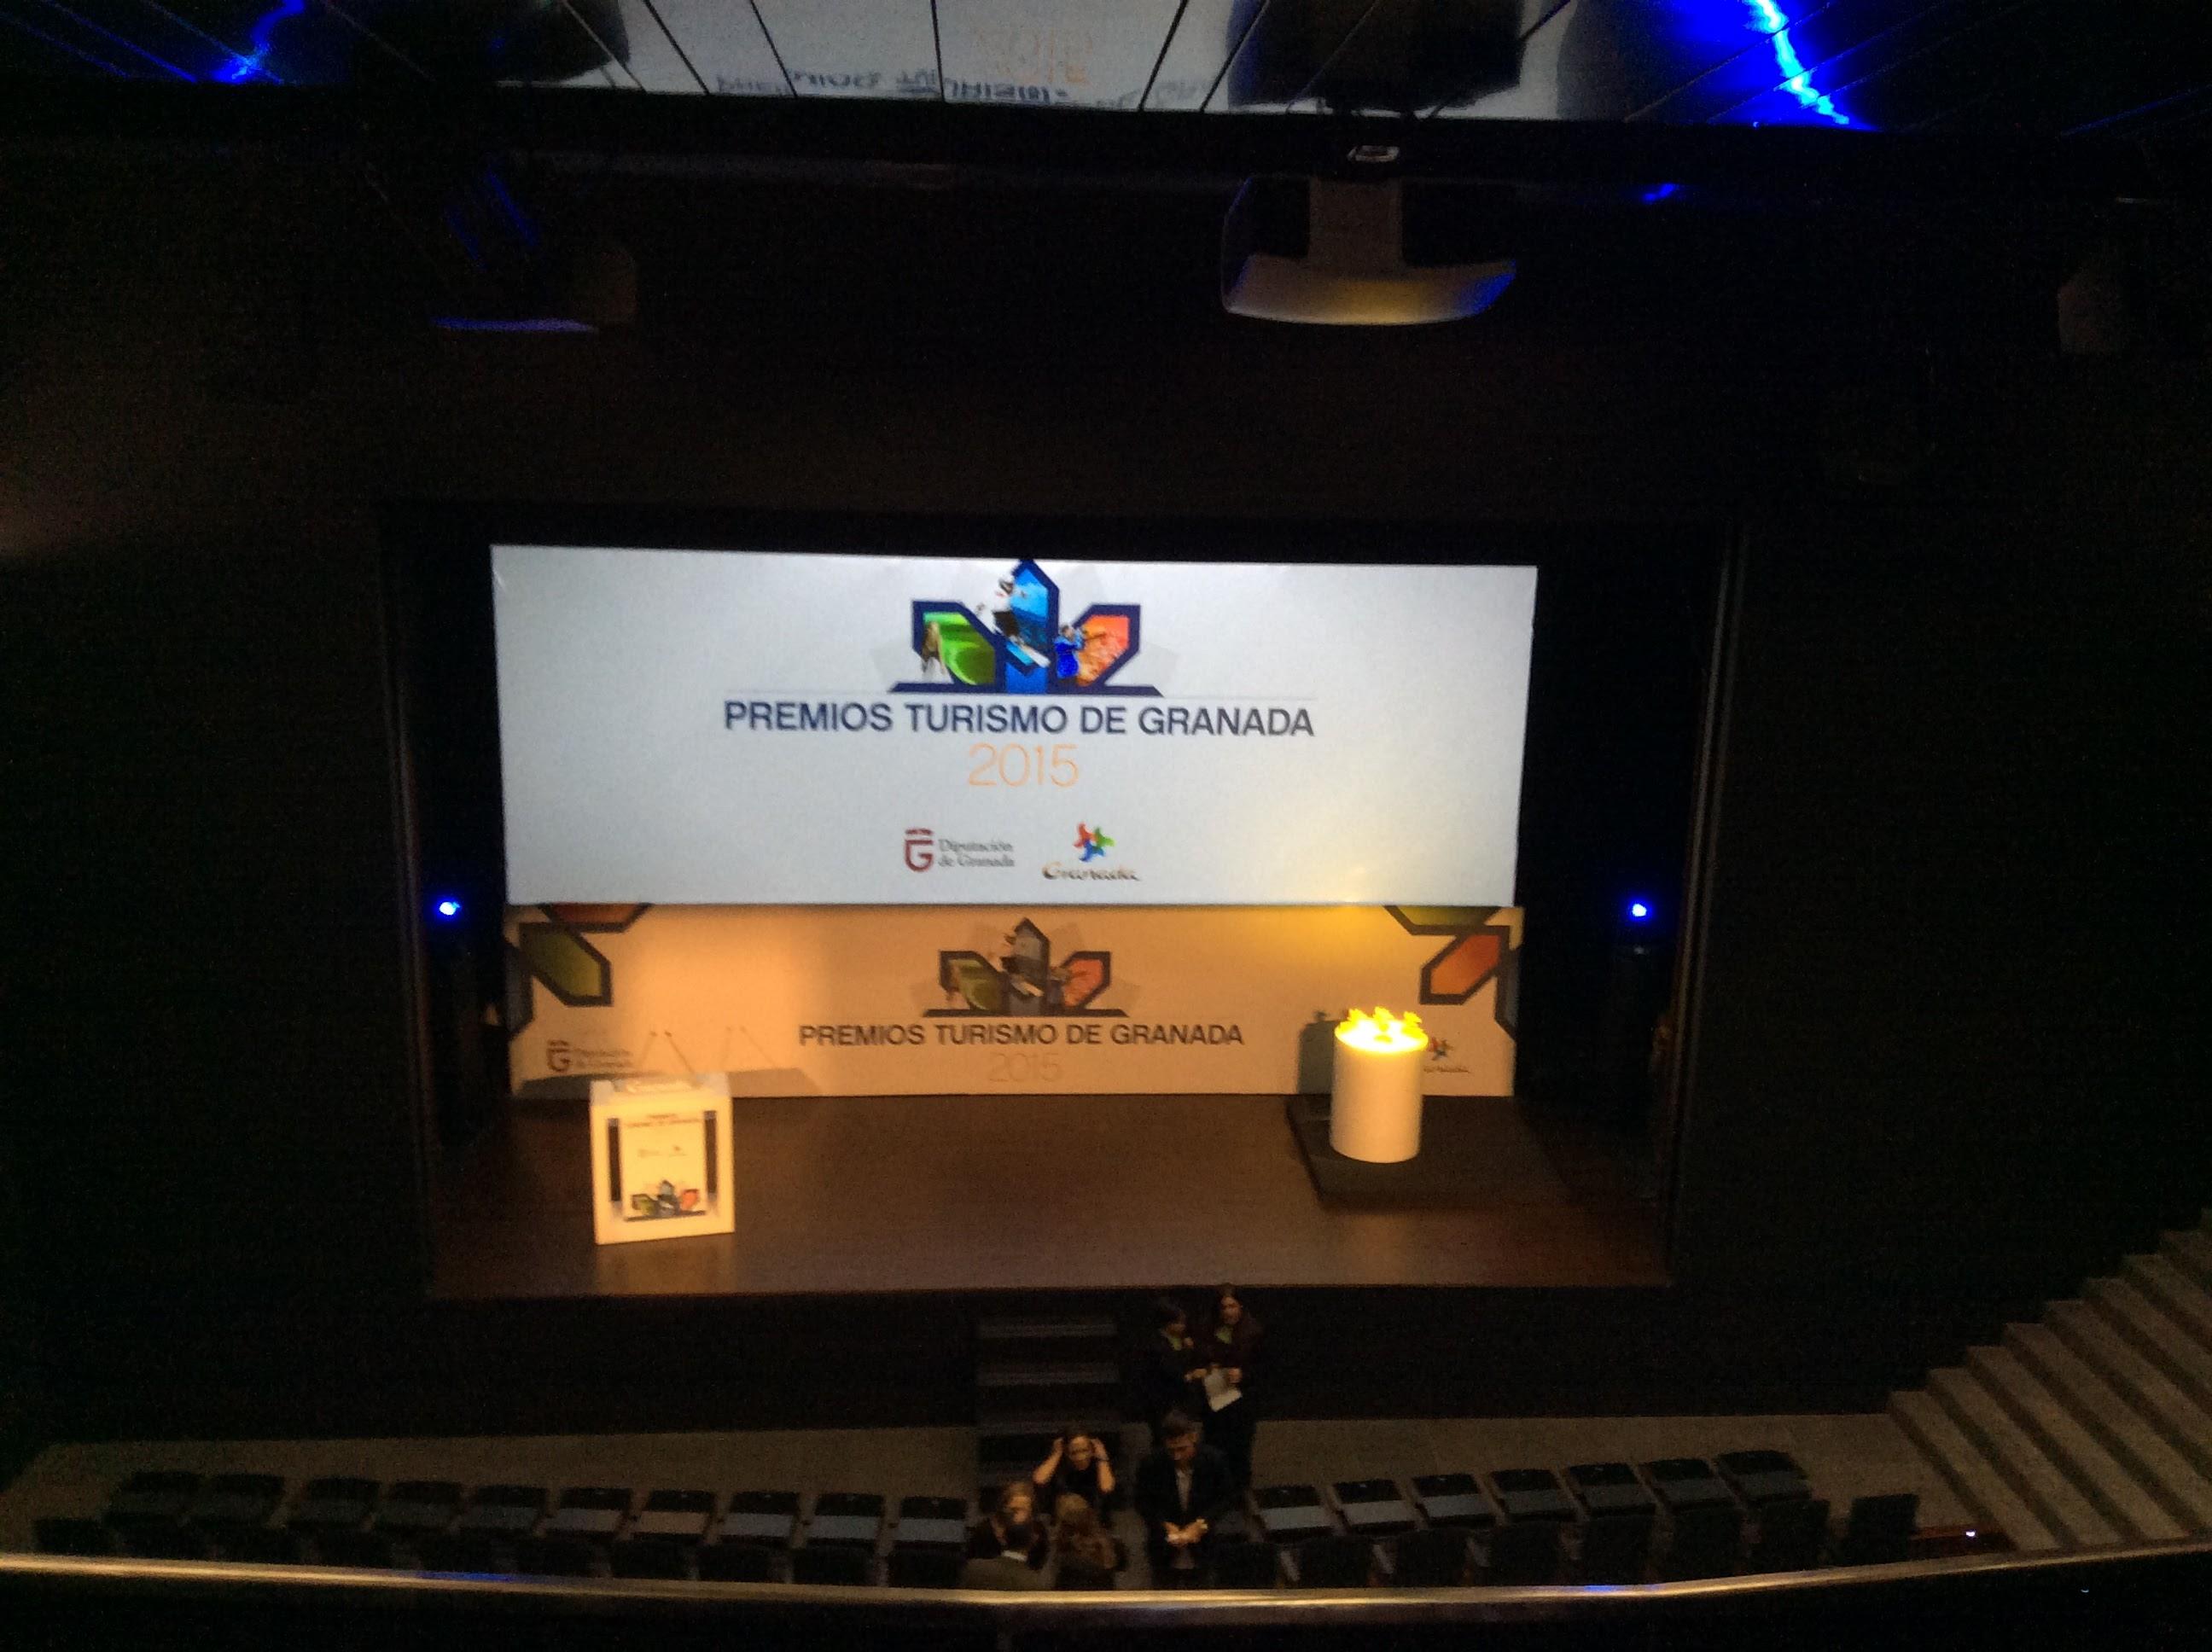 Piensa en LED materiales audiovisuales Premios Turismo de Granada 2015